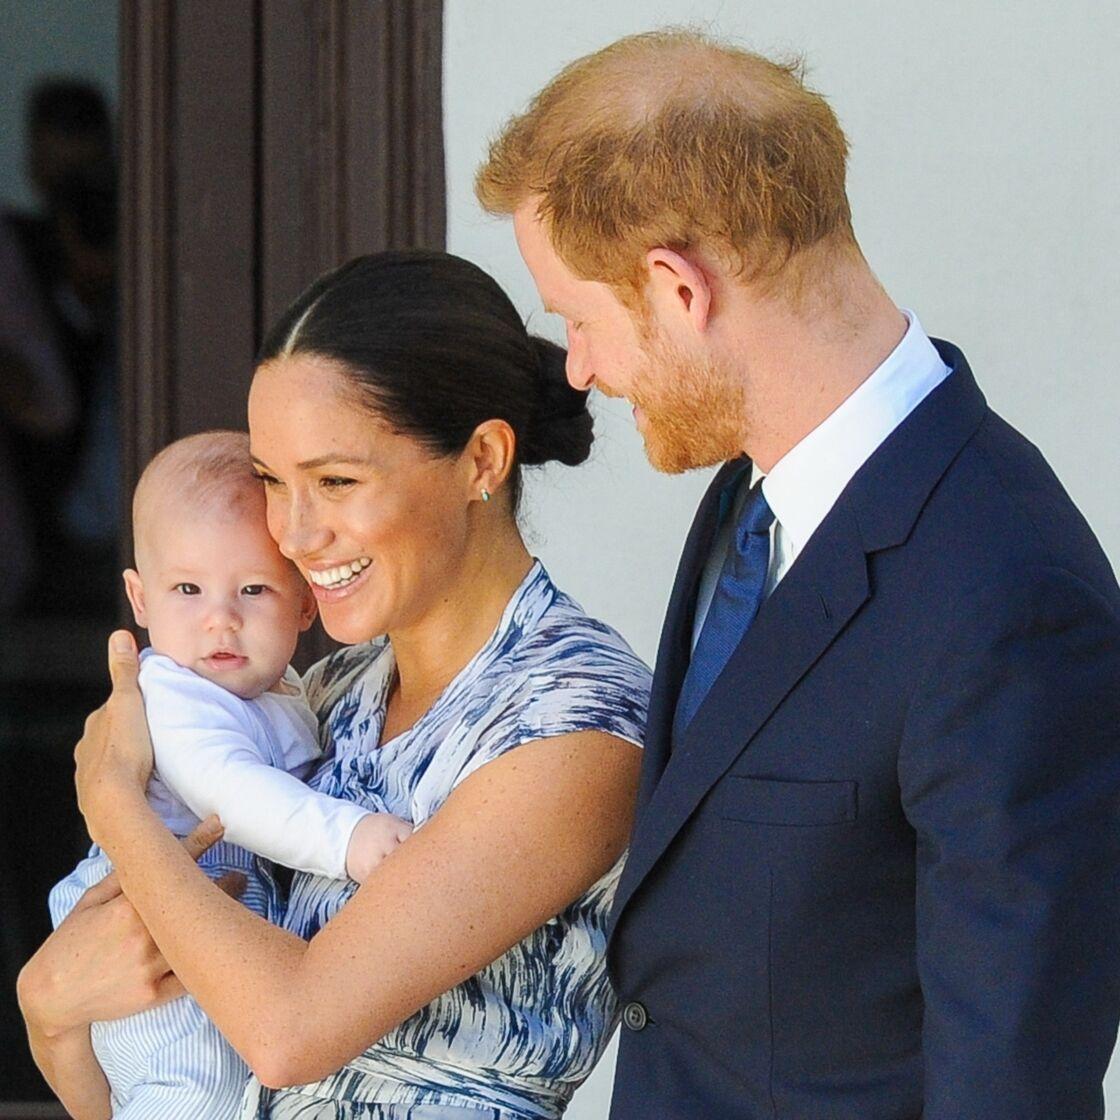 Archie fête son premier anniversaire le 6 mai - Le prince Harry, duc de Sussex, et Meghan Markle, duchesse de Sussex, avec leur fils Archie ont rencontré l'archevêque Desmond Tutu et sa femme à Cape Town, Afrique du Sud. Le 25 septembre 2019